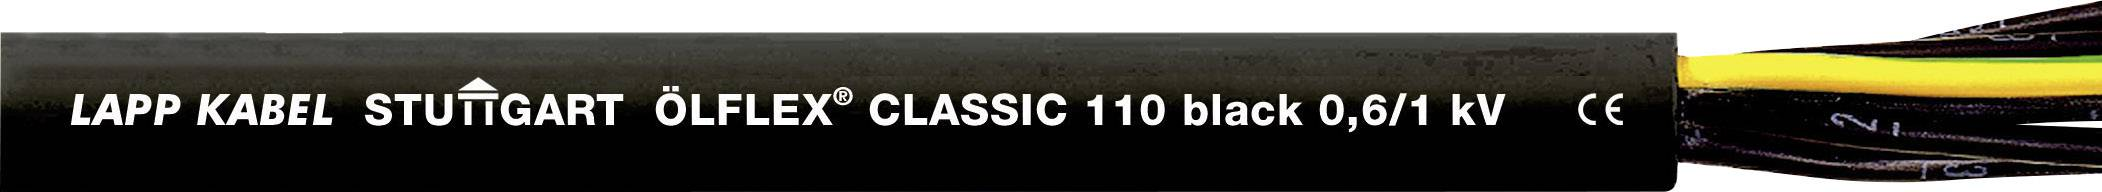 Datový kabel LappKabel Ölflex CLASSIC 110, 12 x 0,75 mm², černá, 1 m